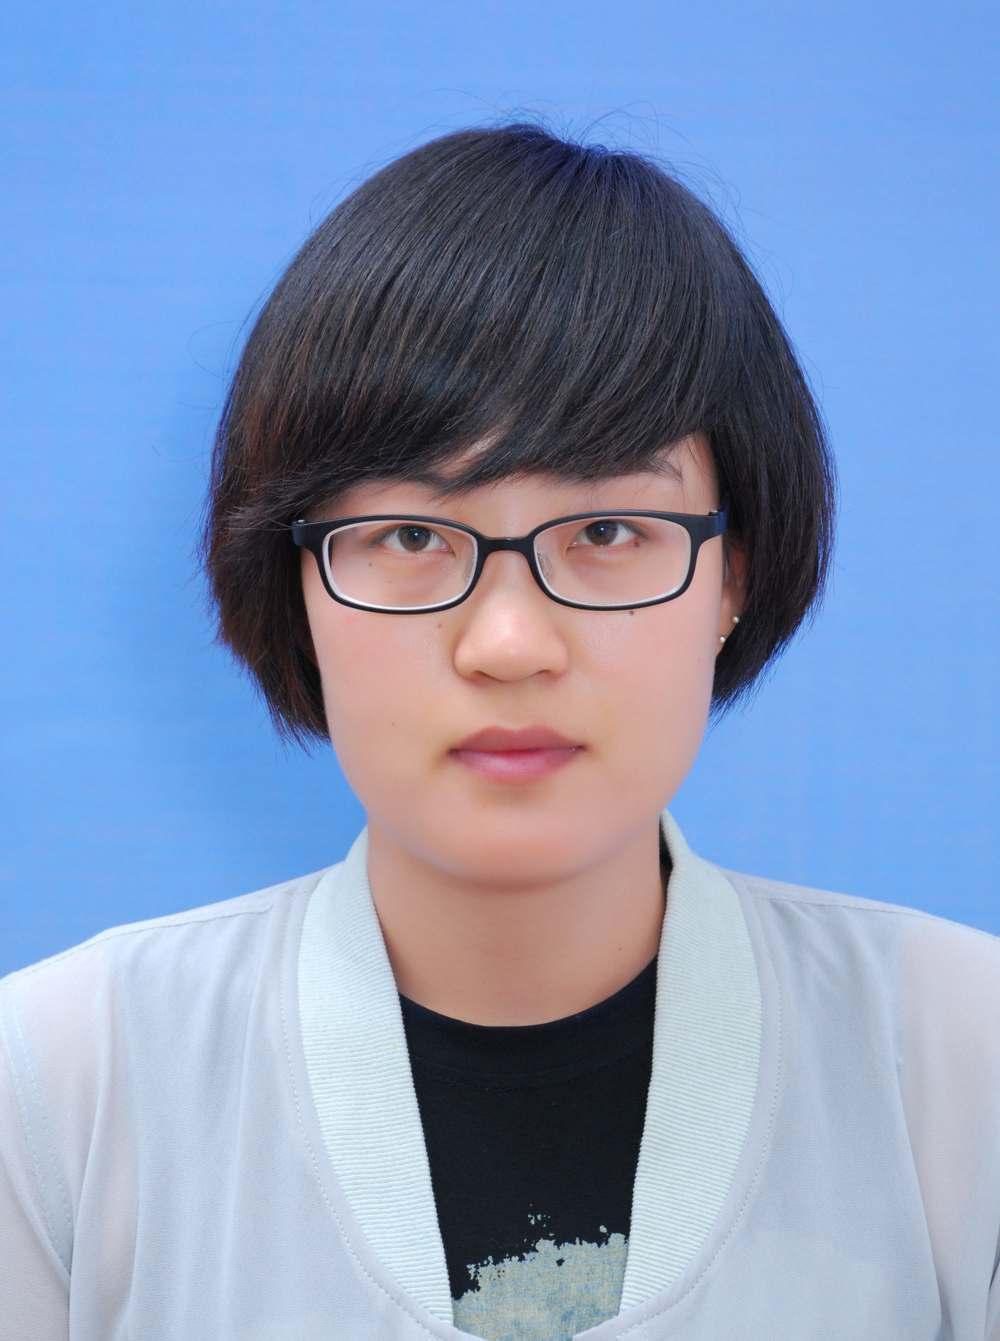 赵南迪老师